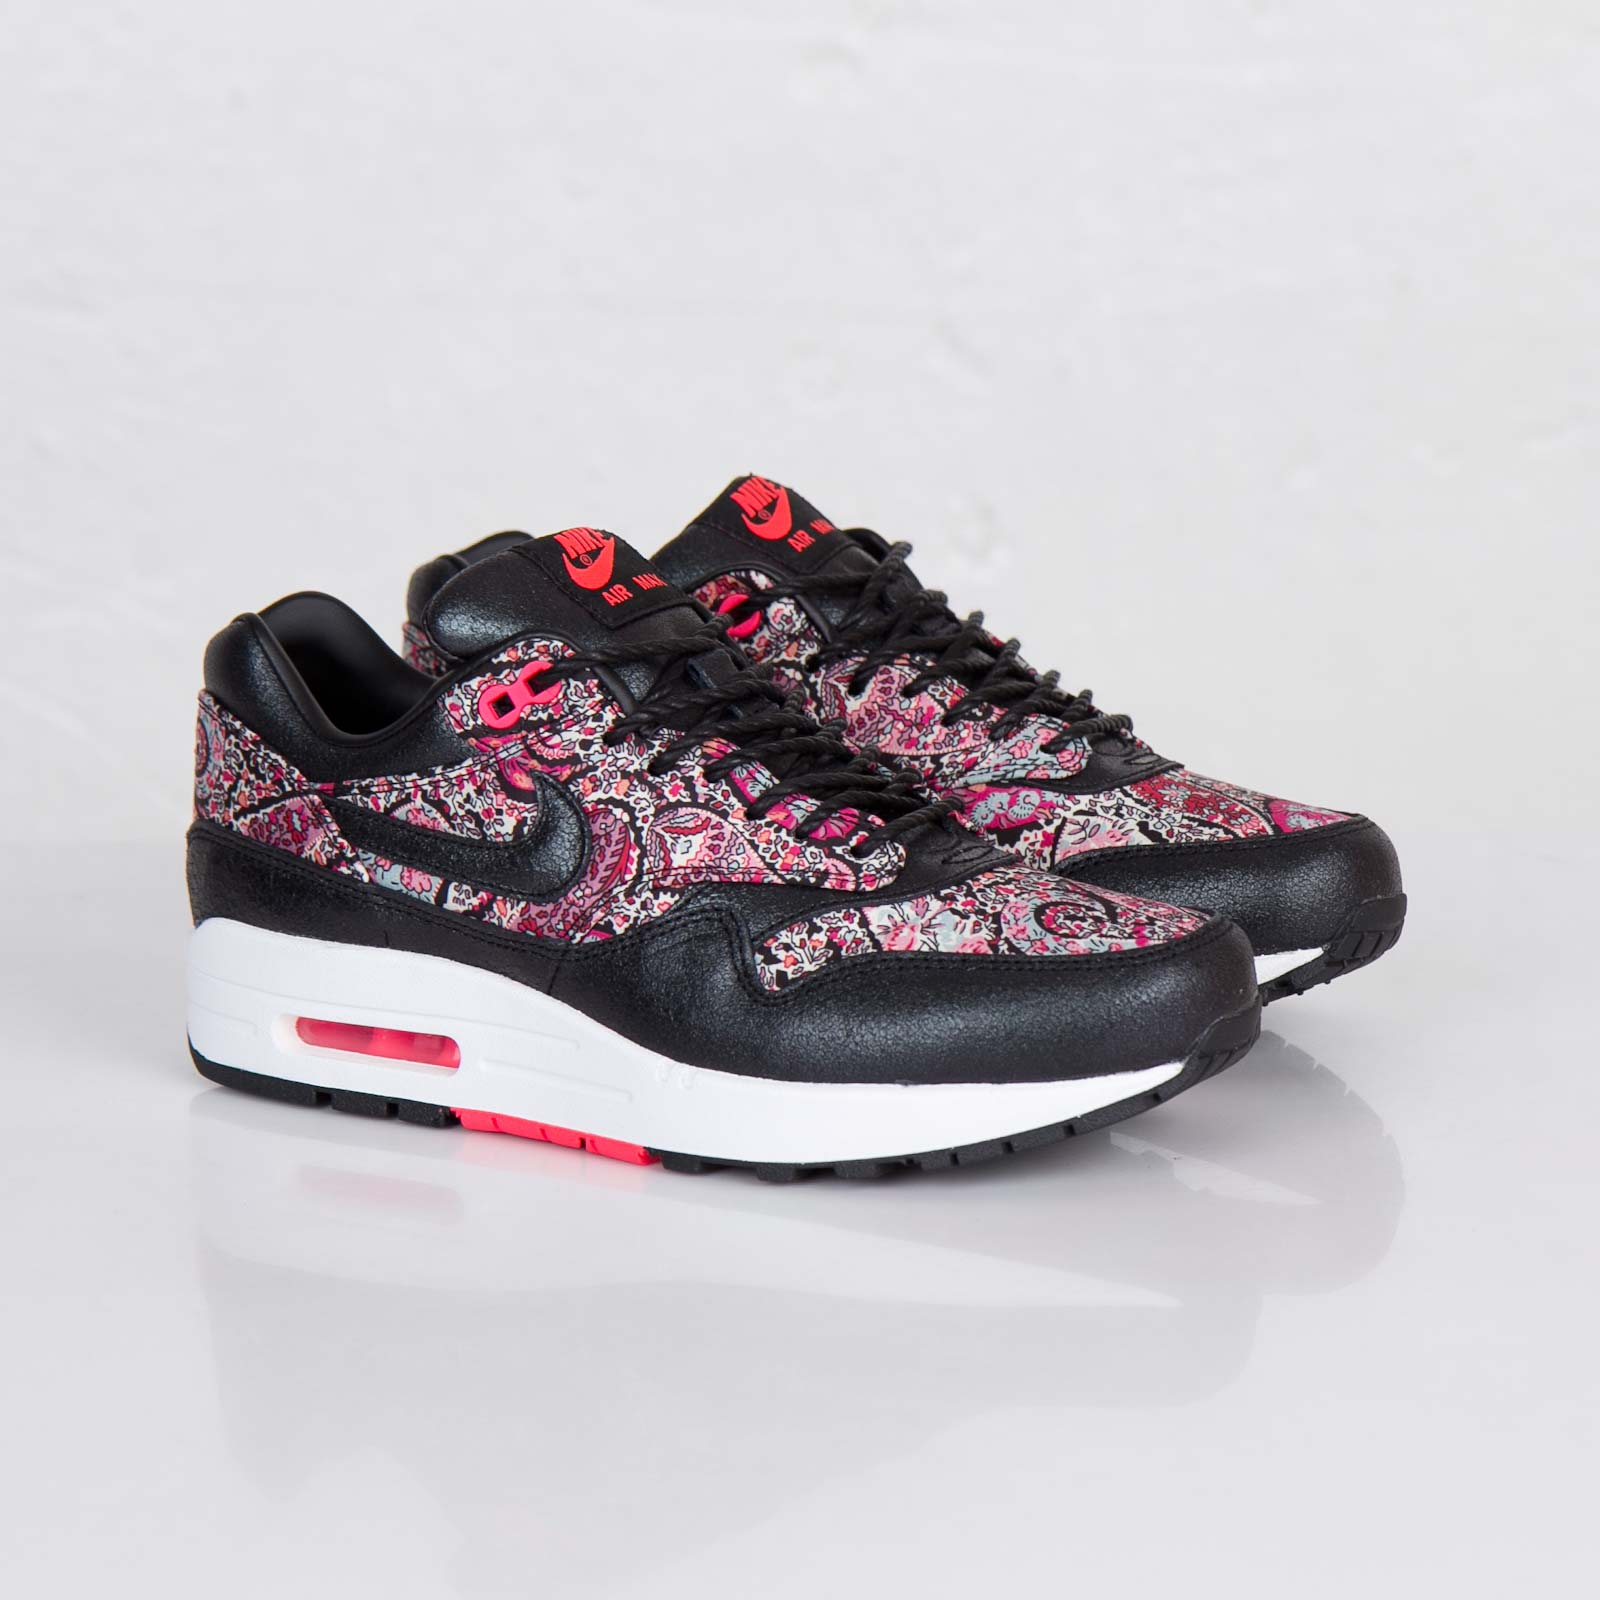 25e2952f04 Nike Wmns Air Max 1 Liberty QS - 540855-006 - Sneakersnstuff ...